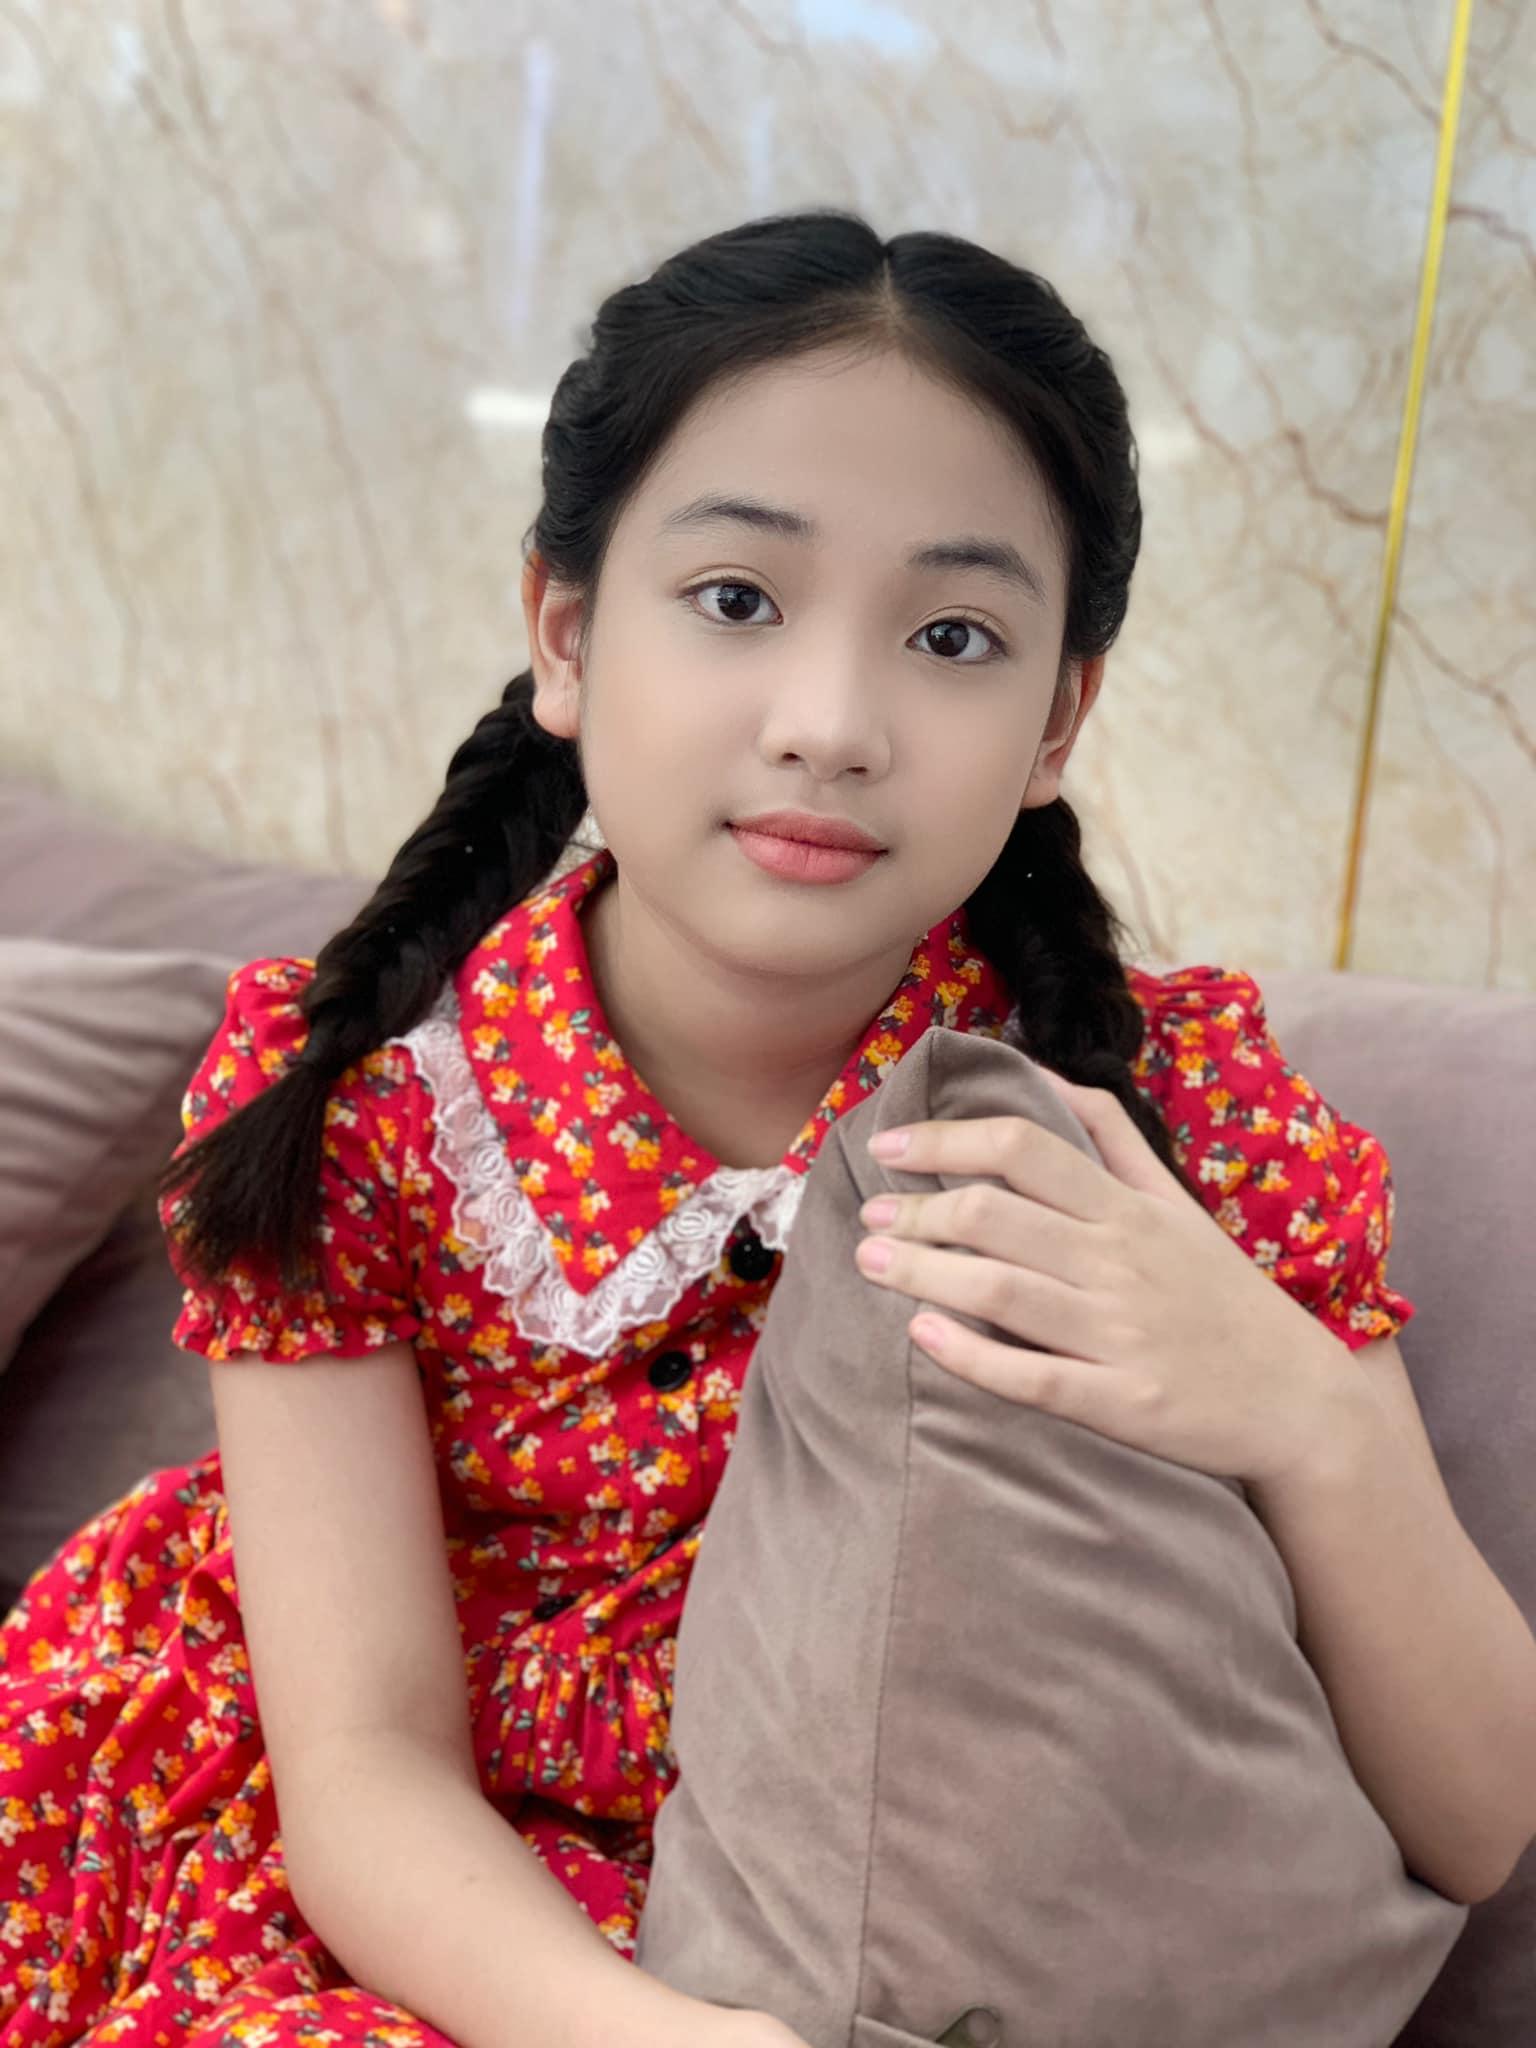 Hình ảnh về nhân vật mới của Hà Anhđược tiết lộ